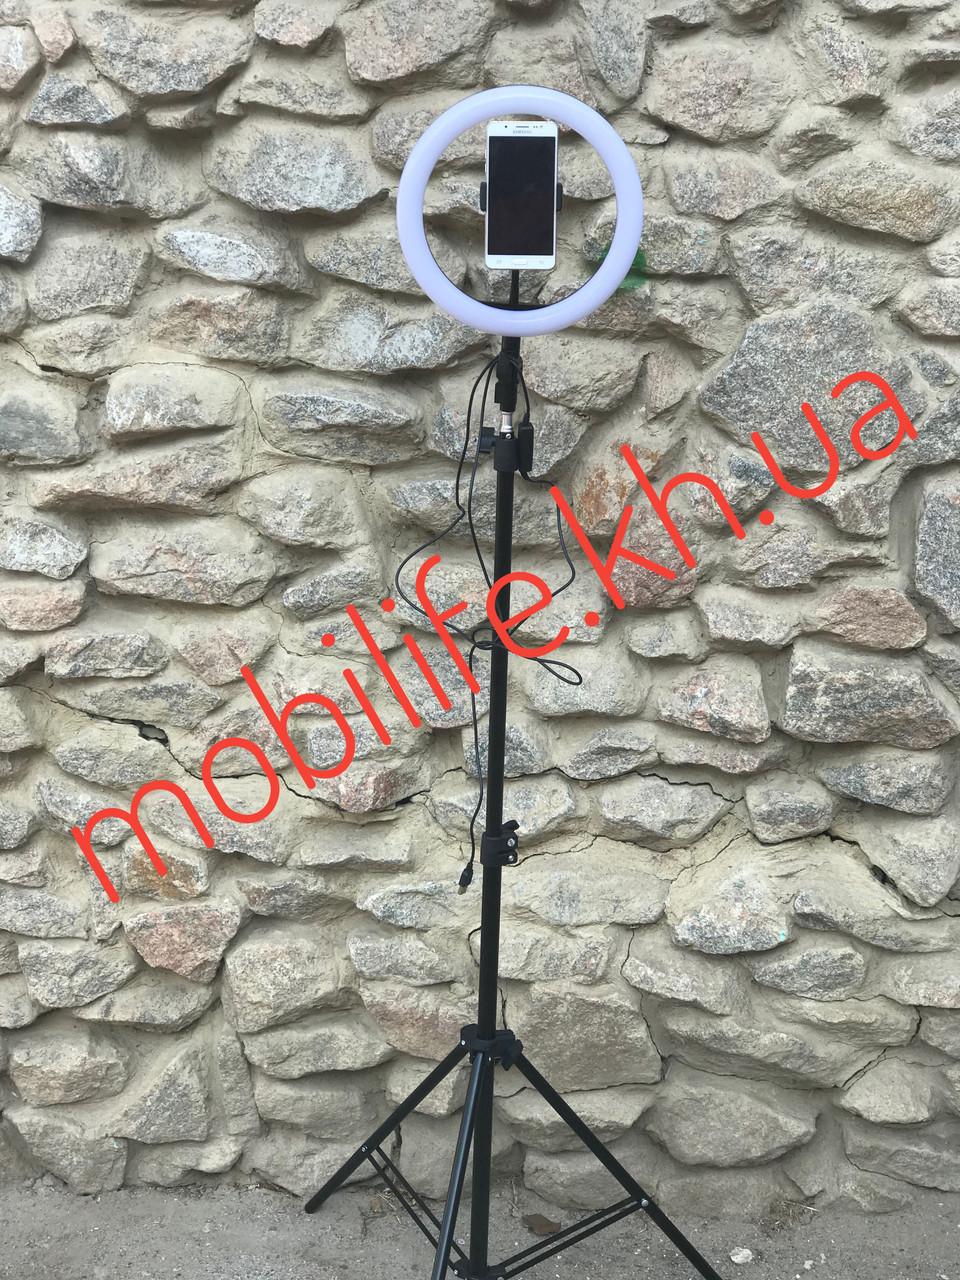 Профессиональная кольцевая светодиодная лампа 26см высота 3м на штативе для блогера/селфи/фотографа/визажиста/